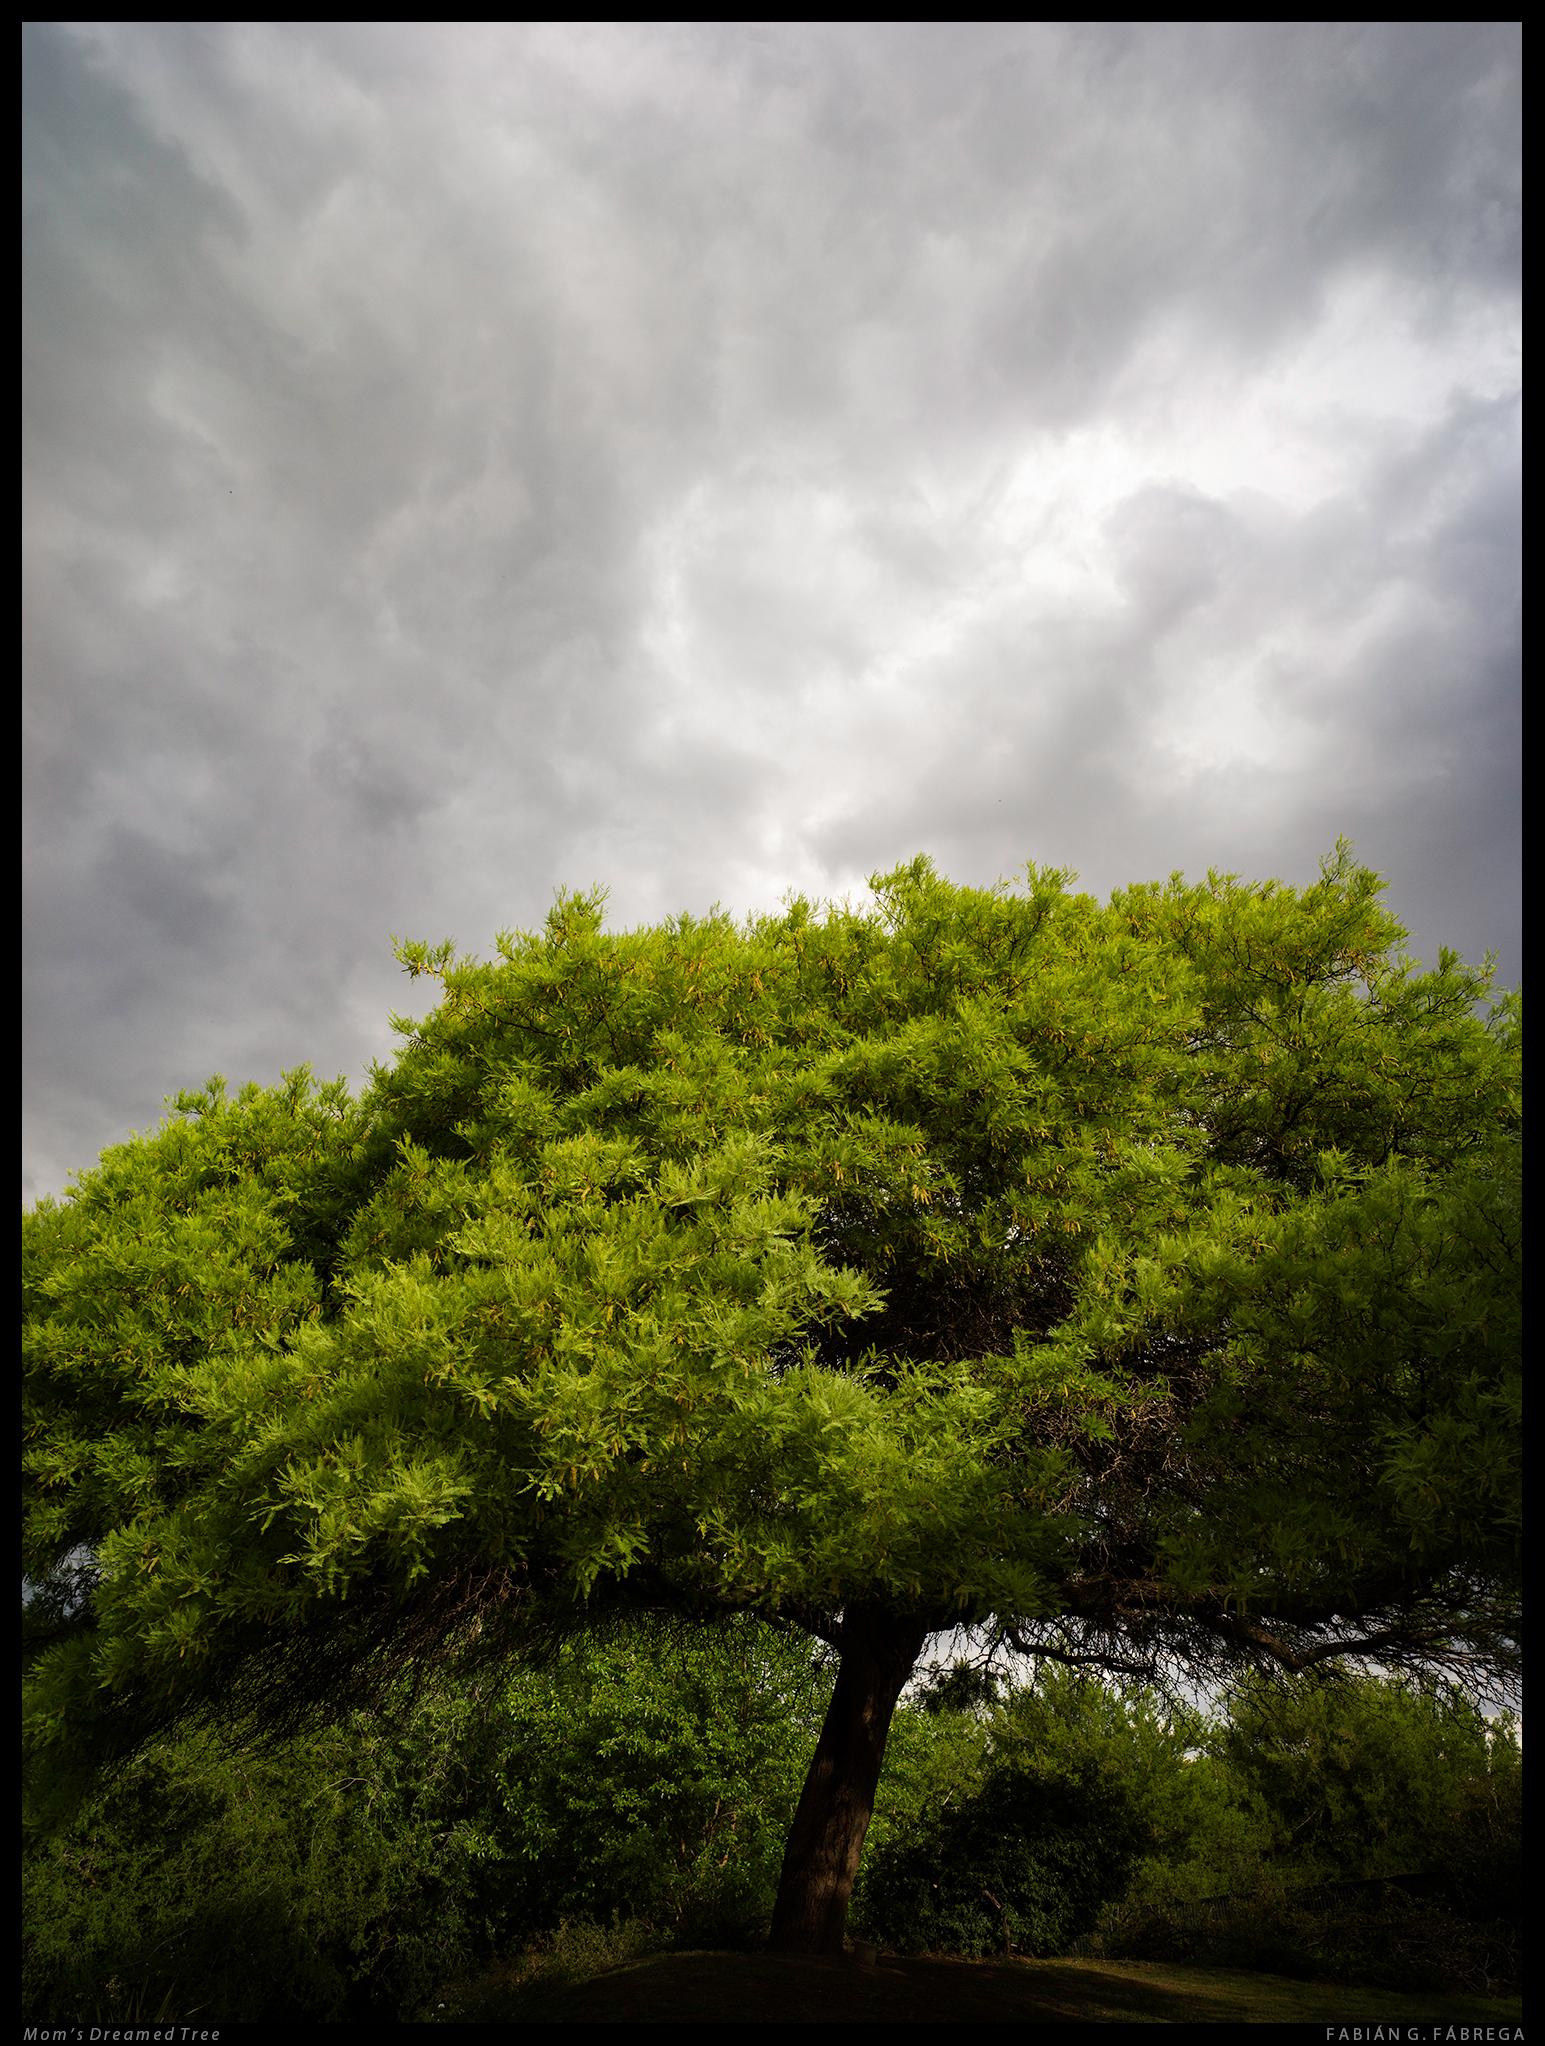 Mom's Dreamed Tree